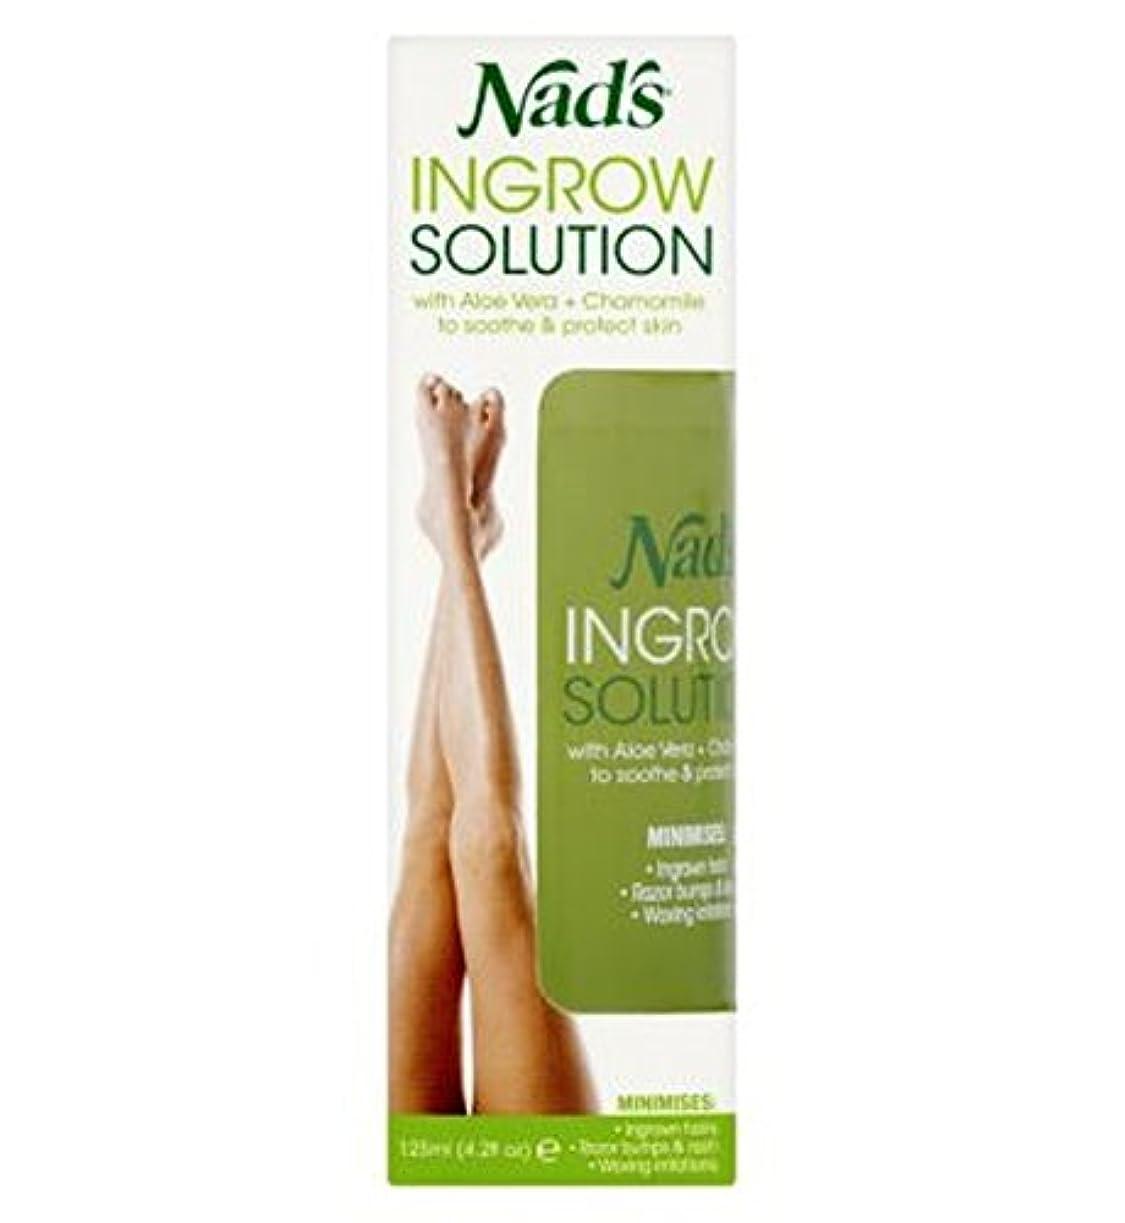 専門用語対抗麻酔薬Nad's Ingrow Solution - ナドの内部に成長するソリューション (Nad's) [並行輸入品]